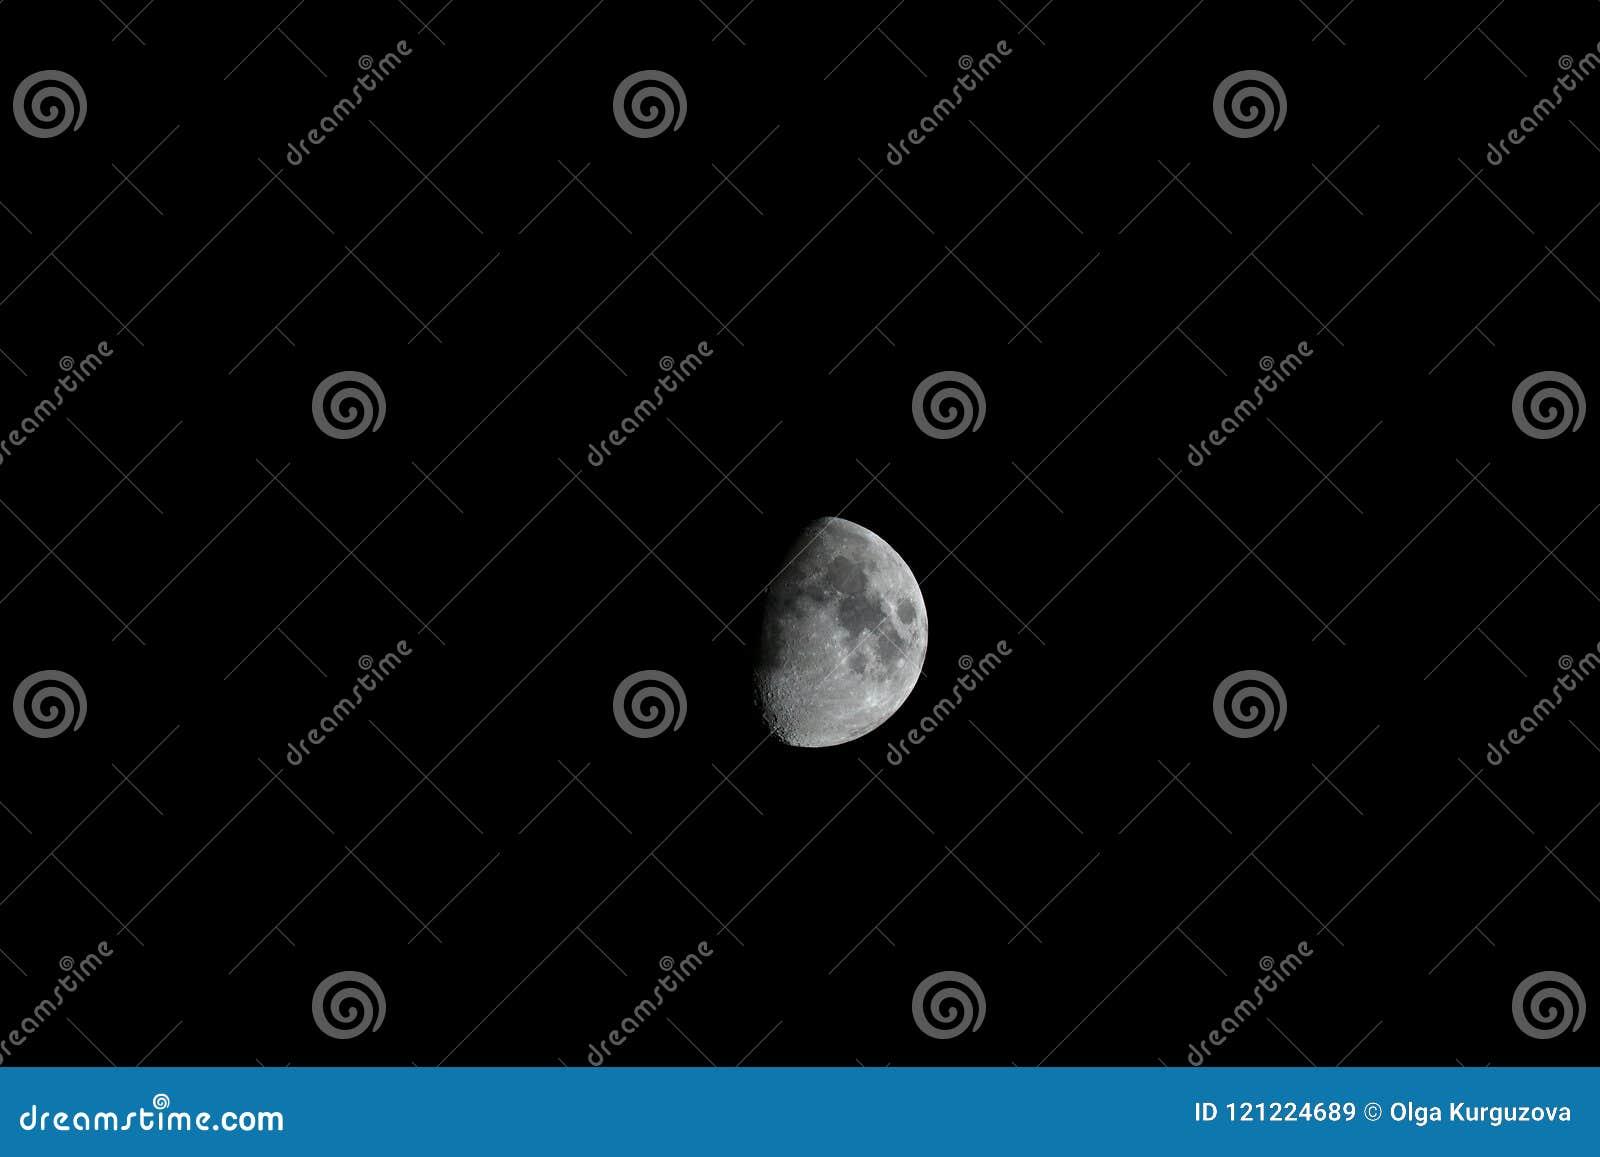 Moon im bewölkten Himmel, im Abschlussprogramm und in den Kratern auf der hellen Oberfläche